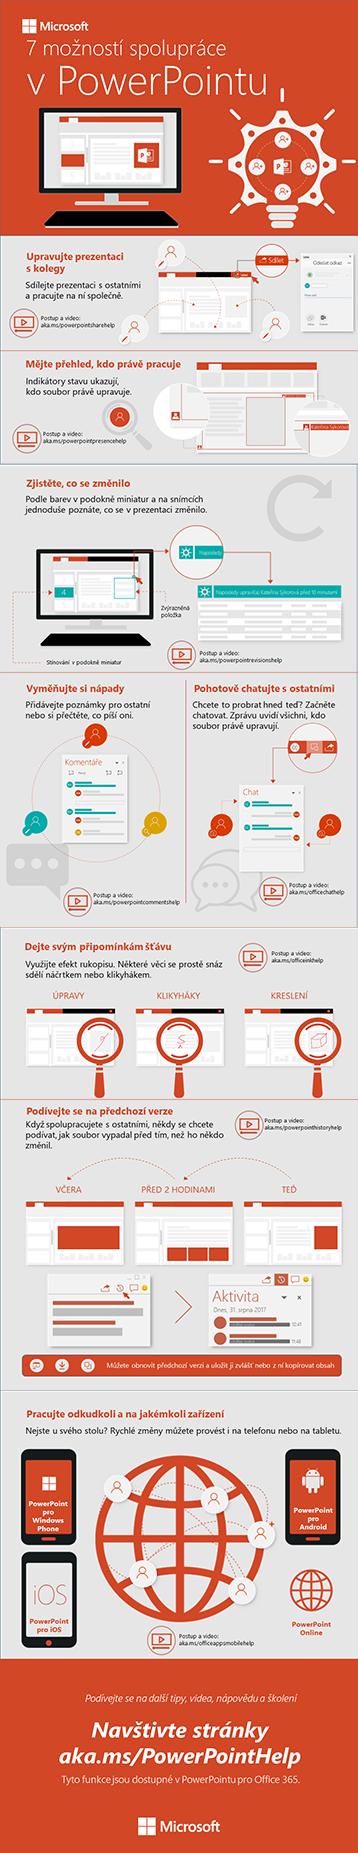 Informační grafika o možnostech spolupráce v PowerPointu